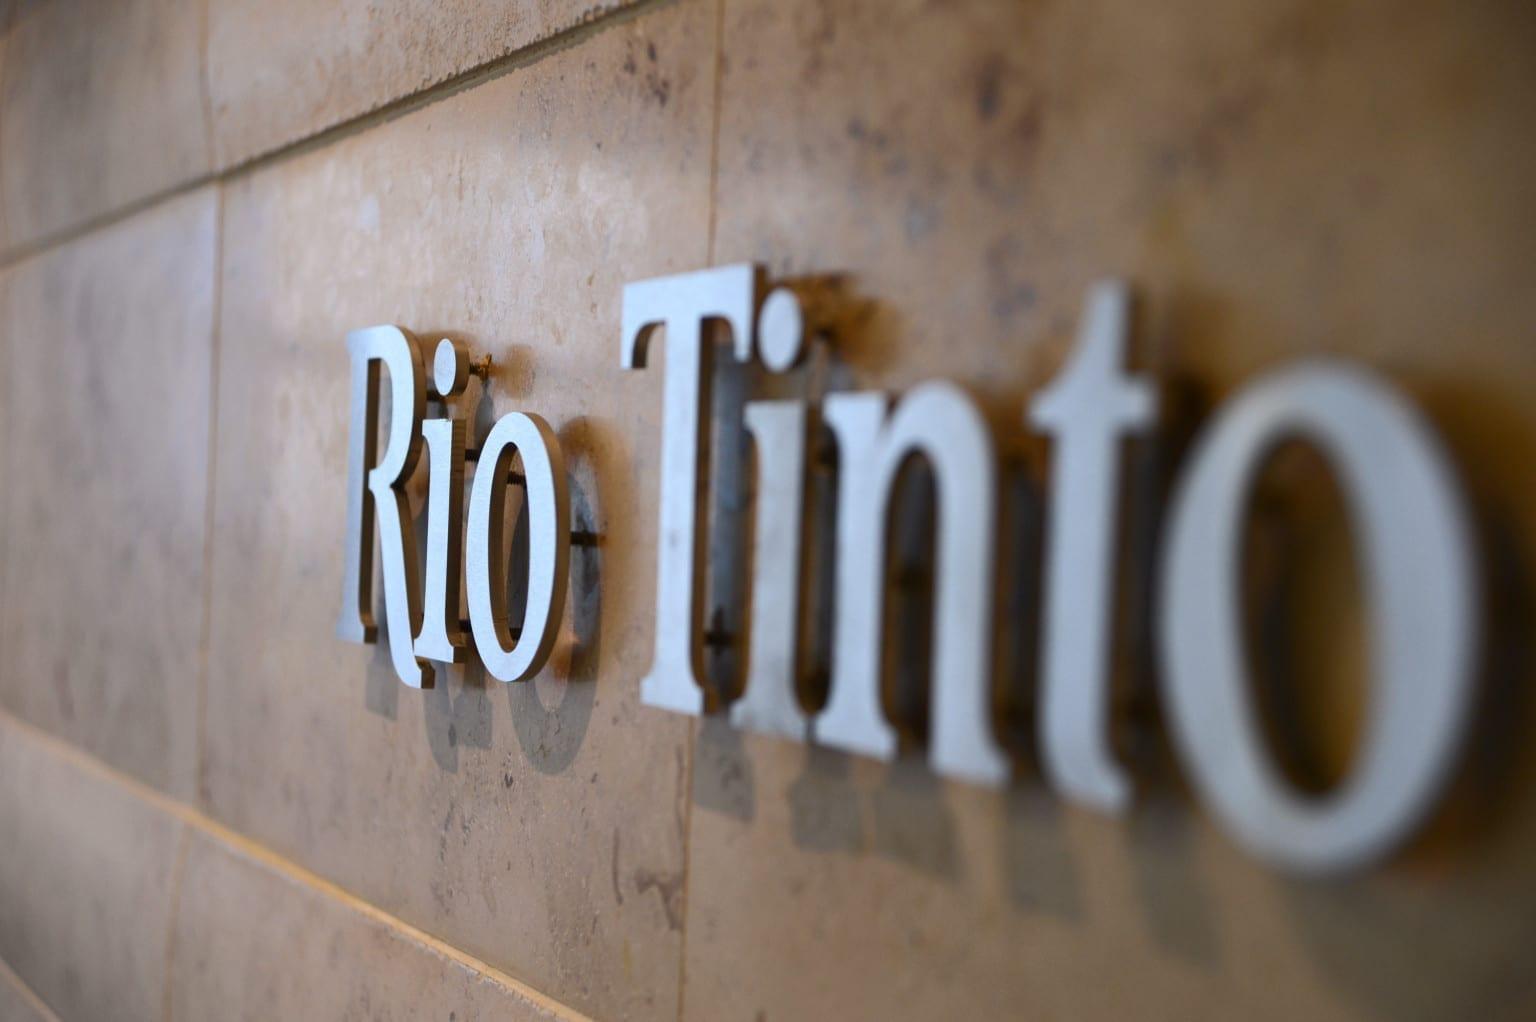 Rio Tinto (RIO) Receives